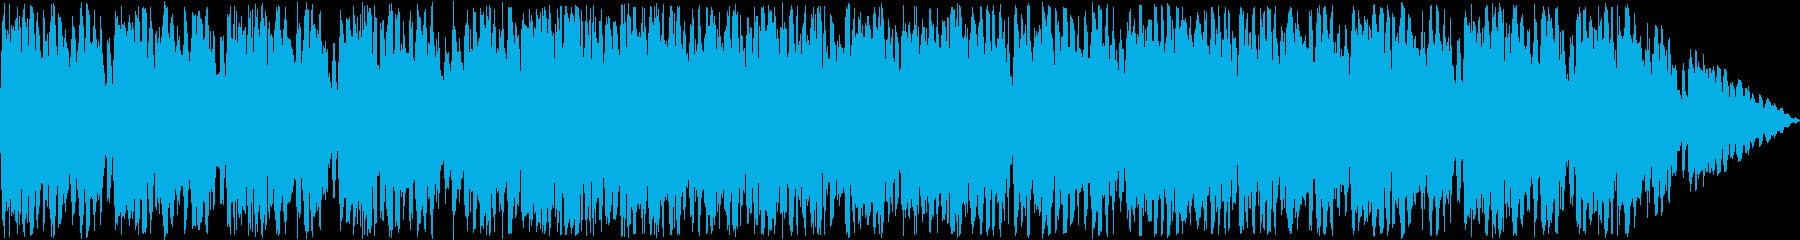 オーケストラ楽器による機械的な楽曲の再生済みの波形